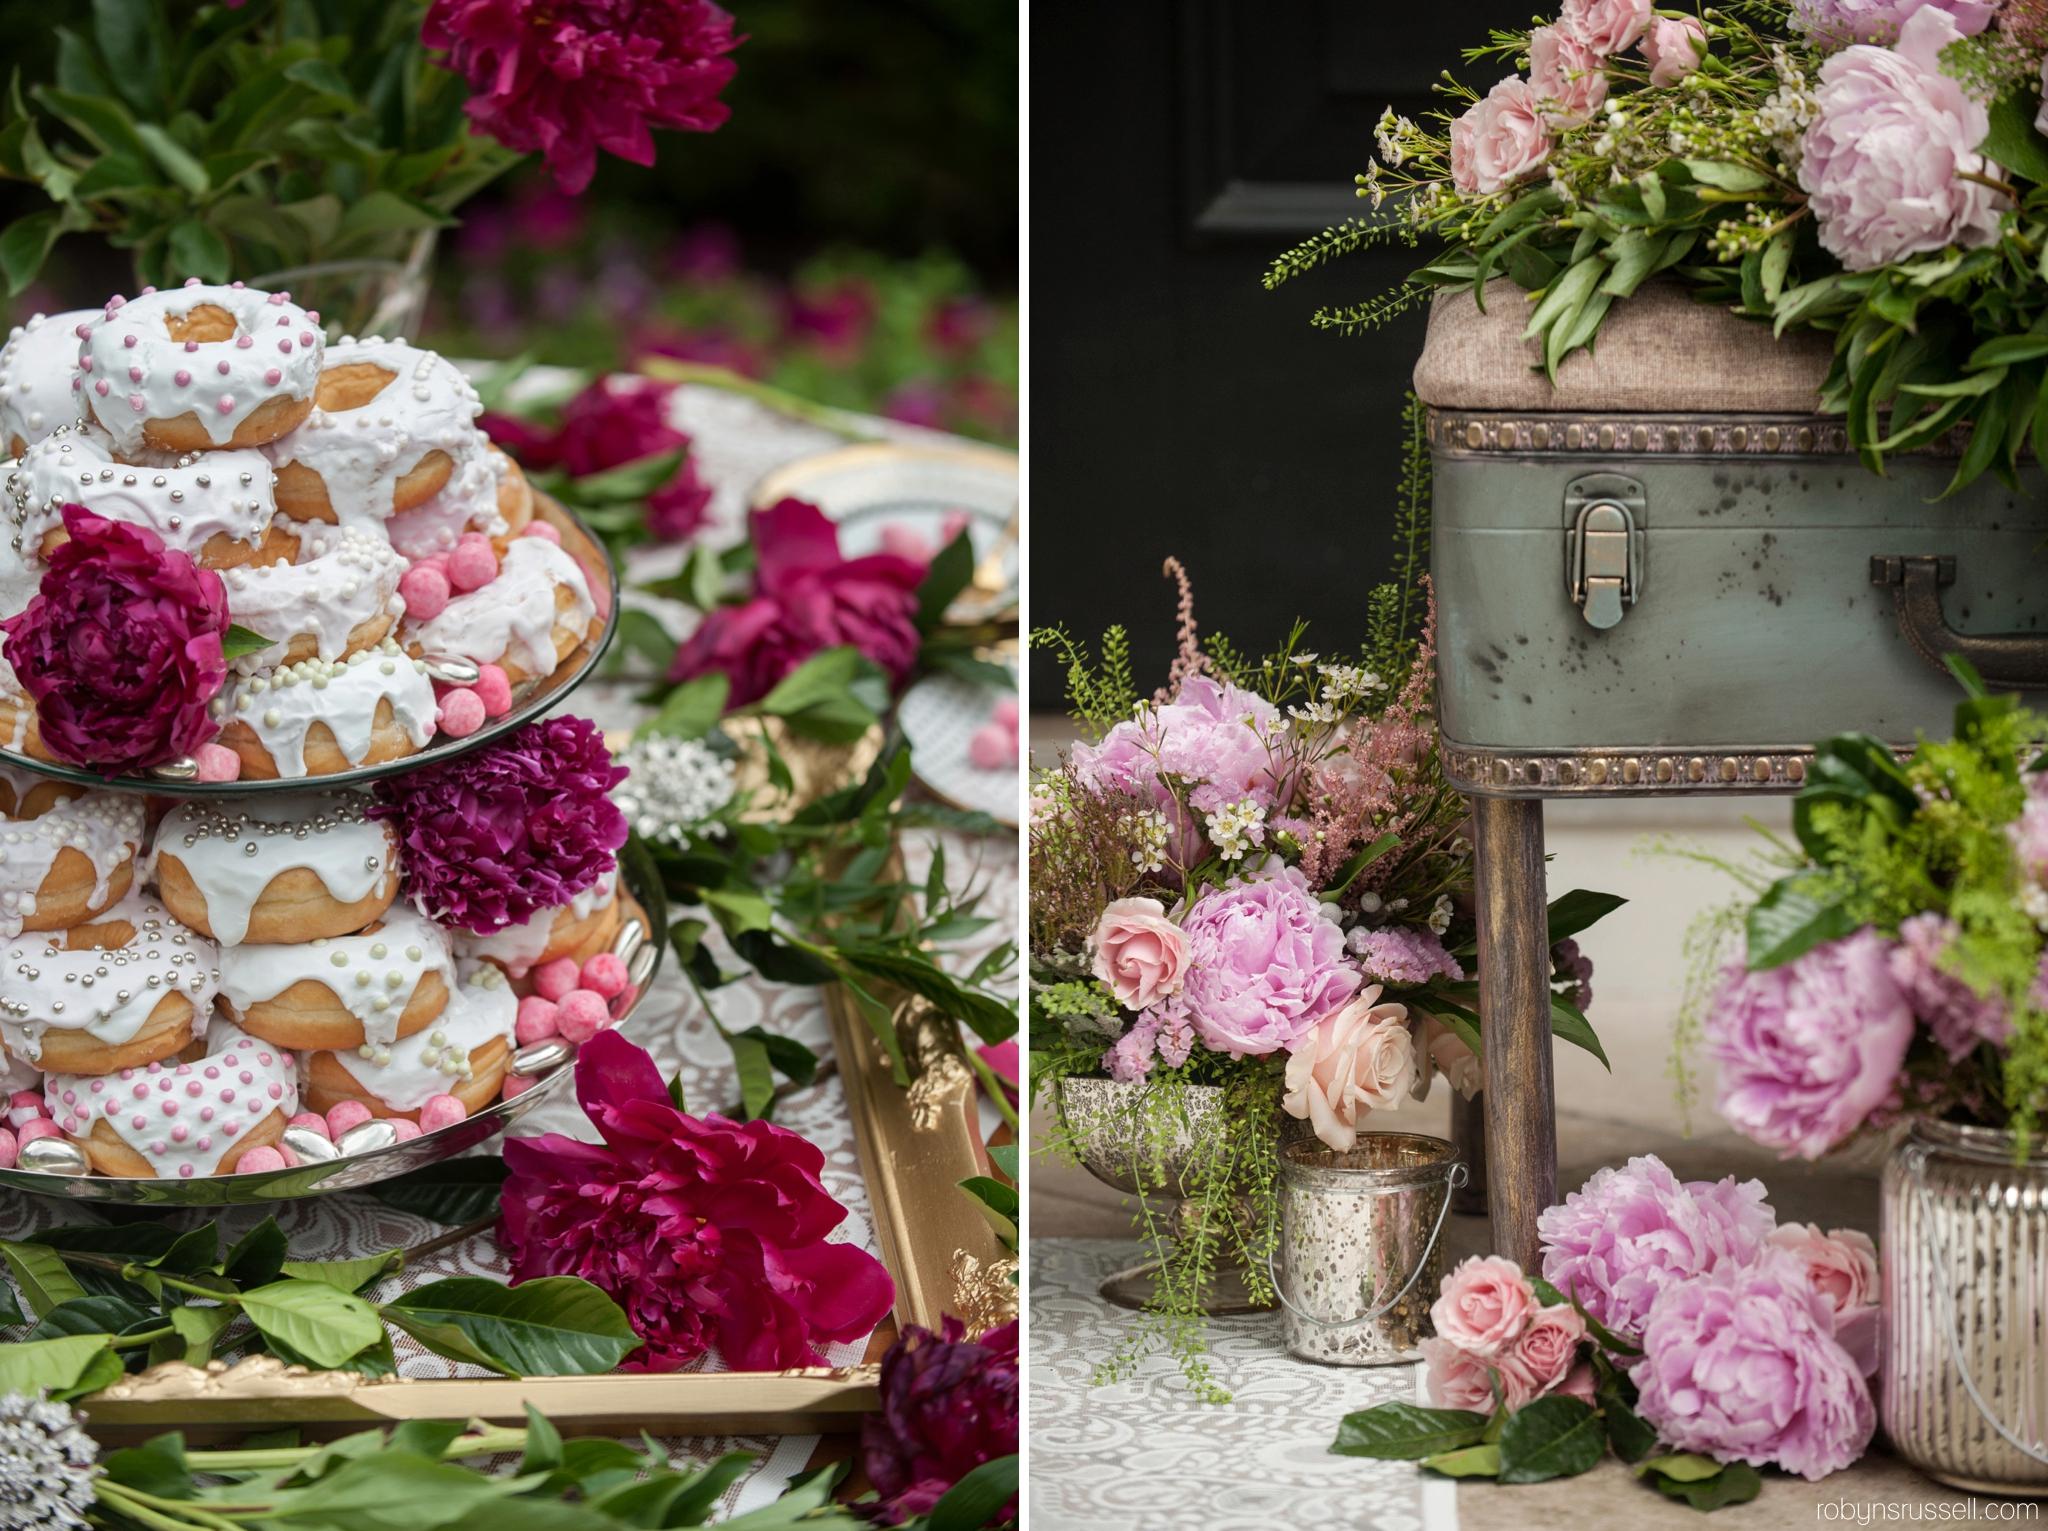 11-donut-cake-deep-vintage-flowers-inspired-rustic-beauty.jpg